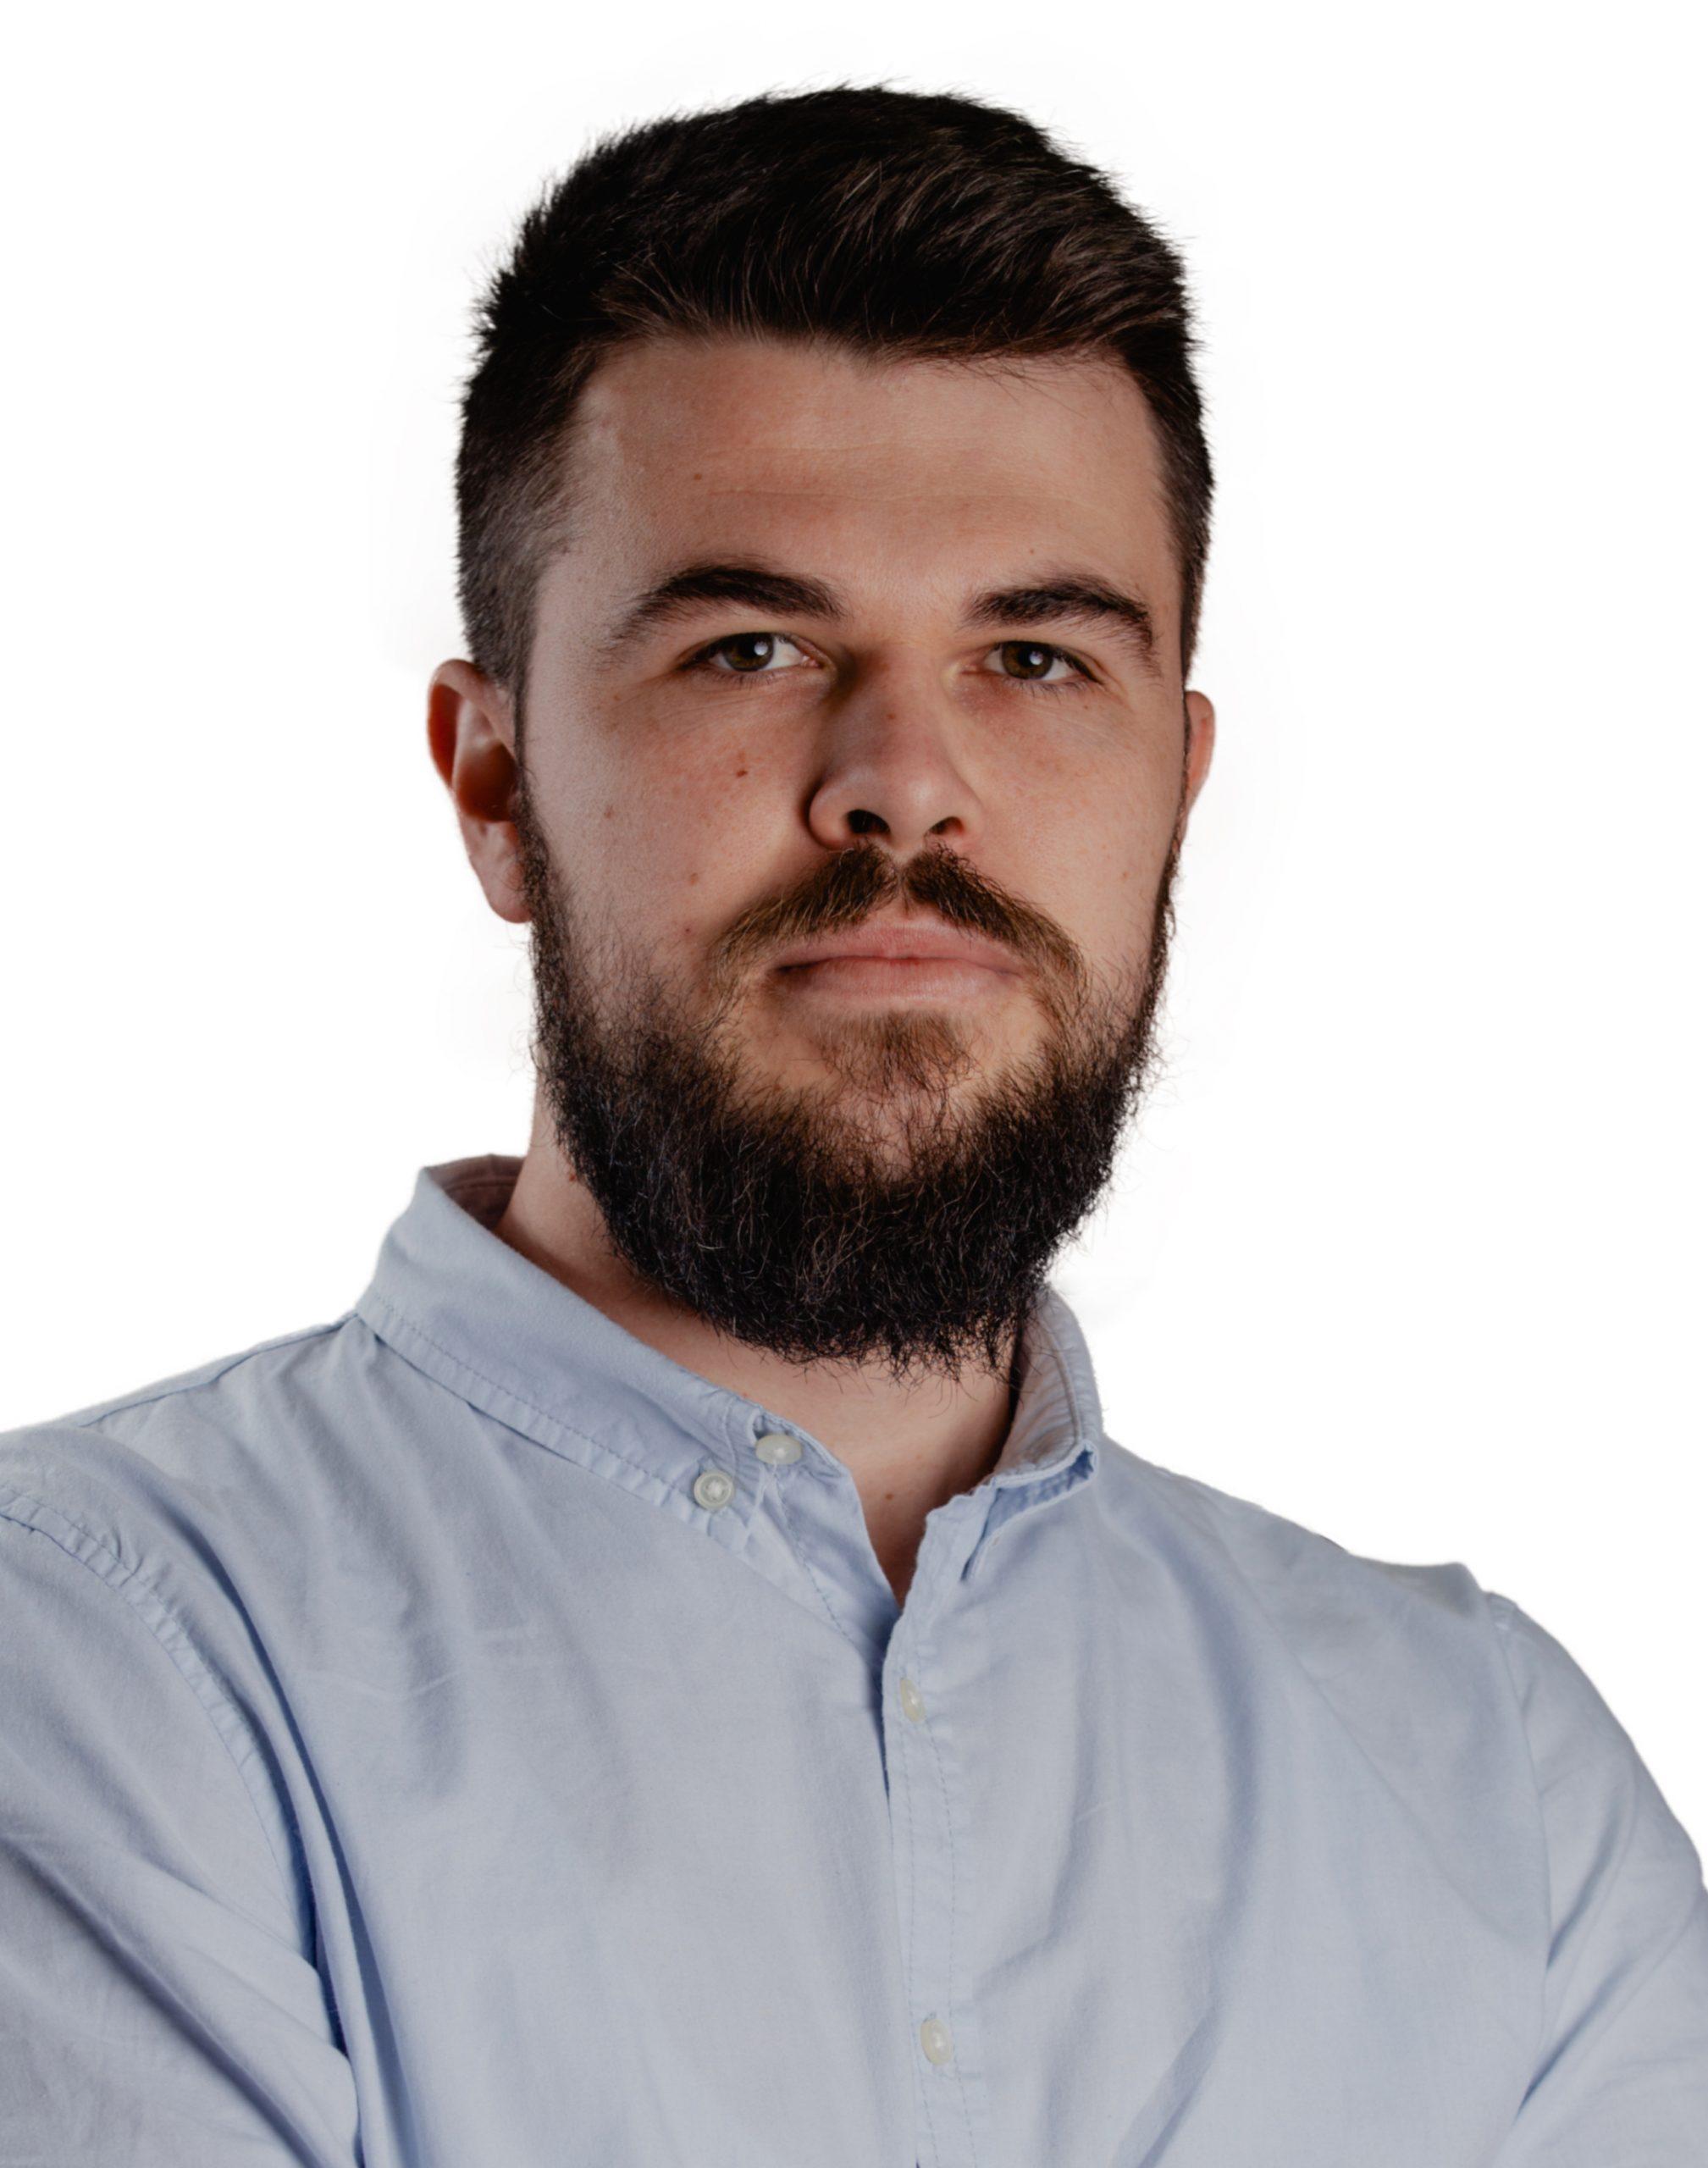 Ajdin Čaušević